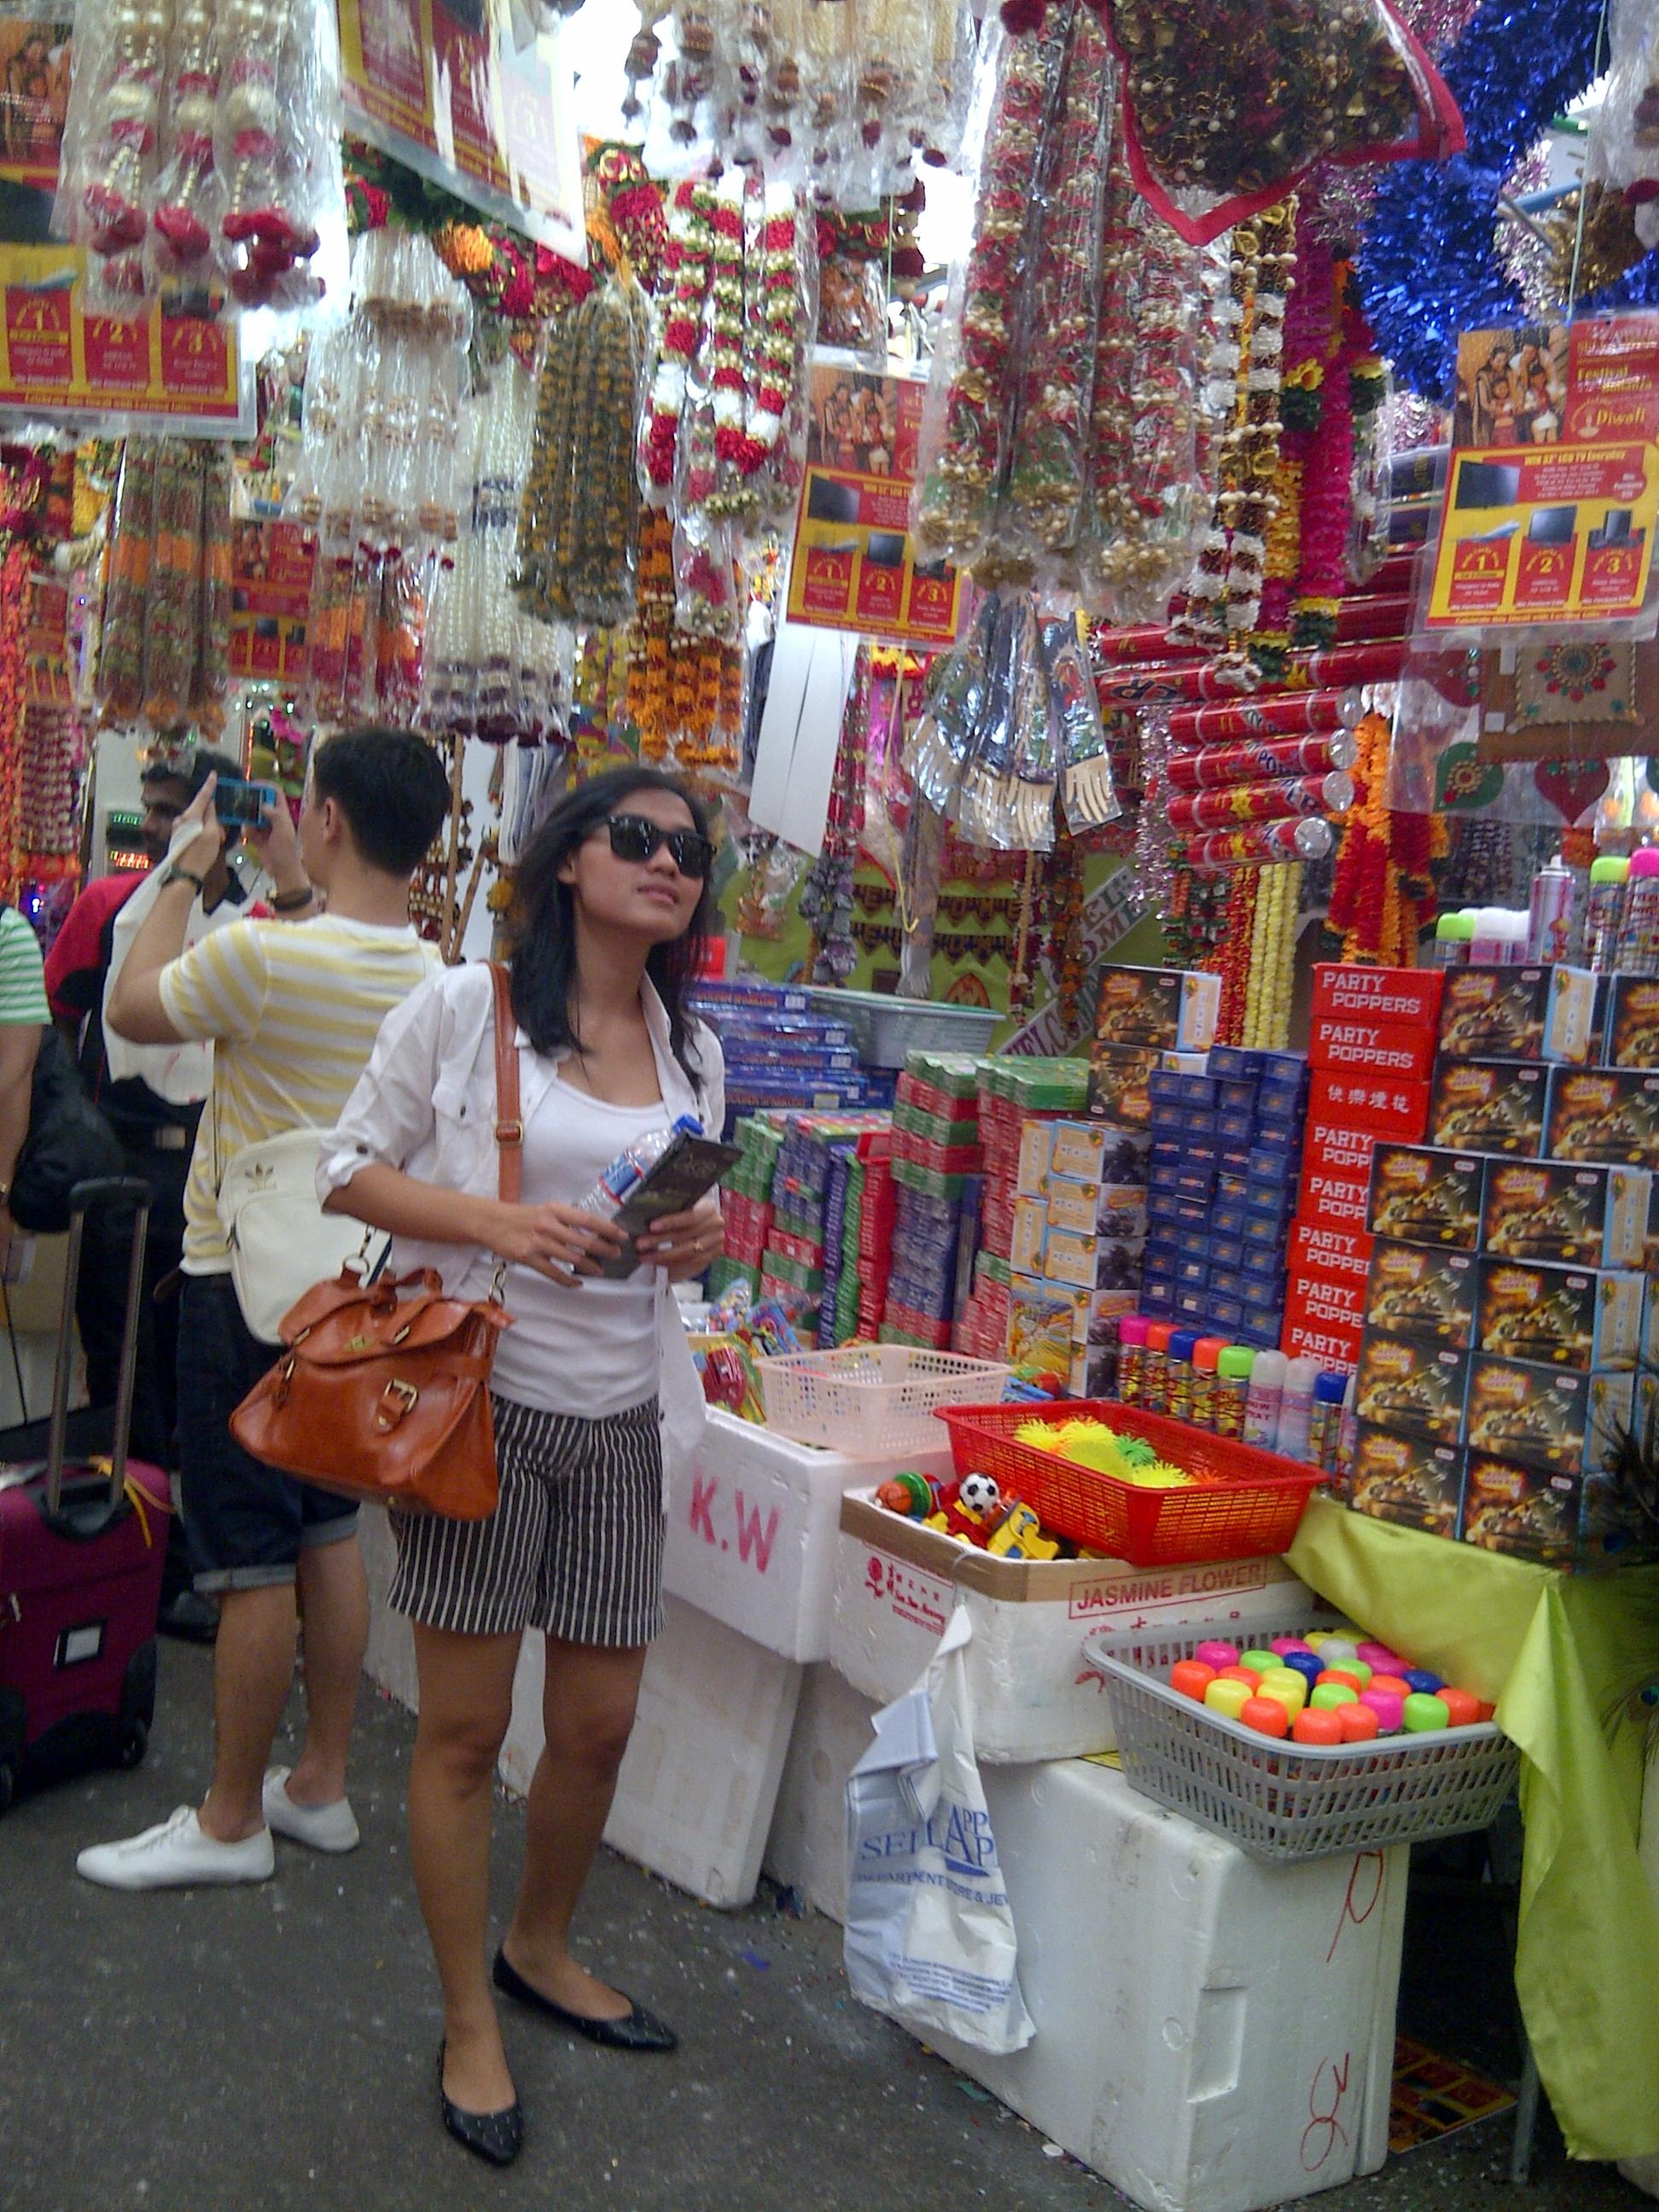 Barang-barang disini bisa ditawar lho.. dan karena inifestival India kebanyakan barang-barang yang dijual ya yangmemenuhi kebutuhan warga India seperti dupa, lilin, baju, sesaji dsb.